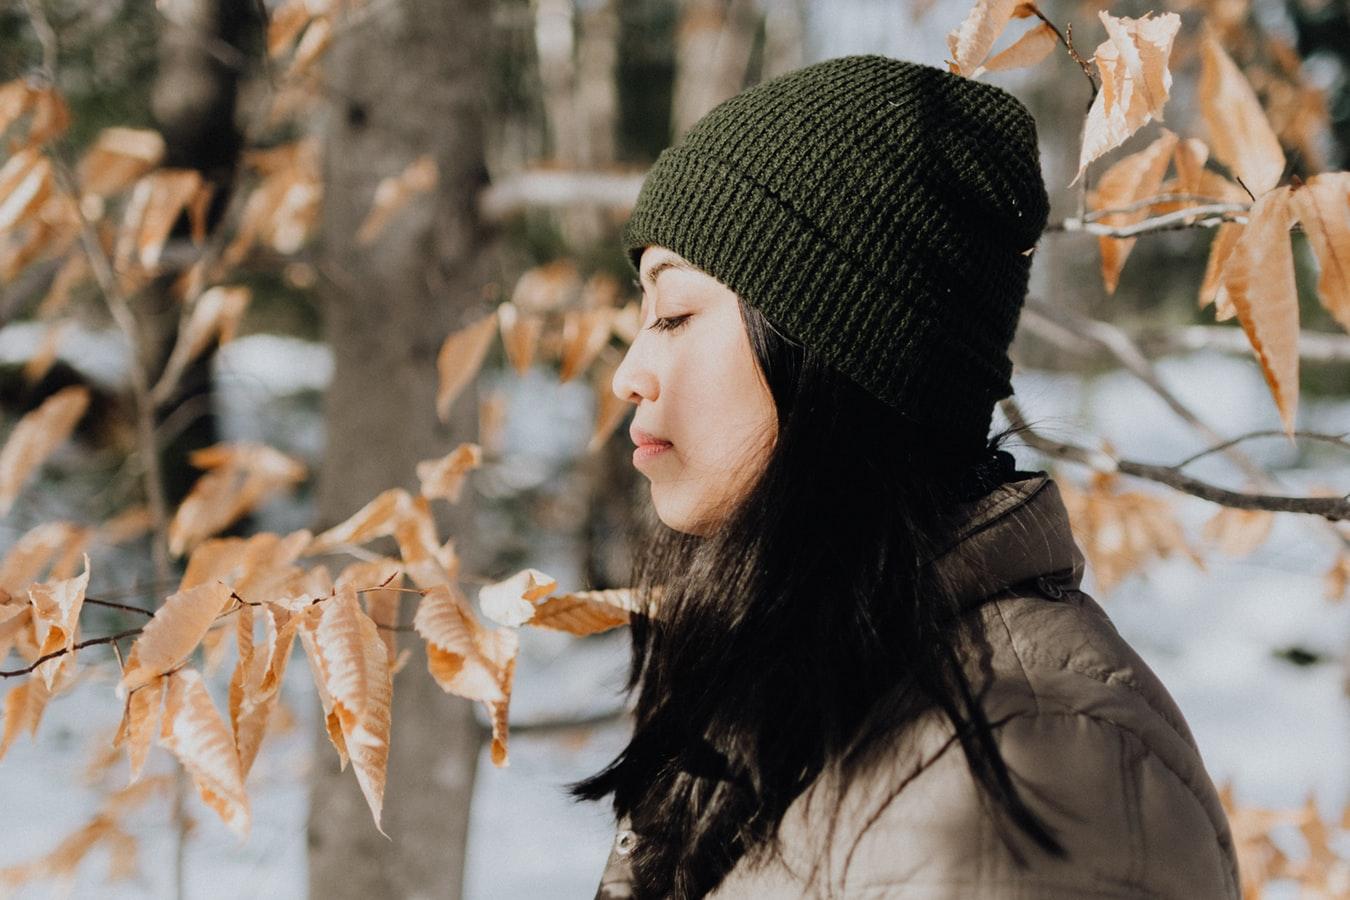 6 conseils mode pour bien s'habiller en hiver